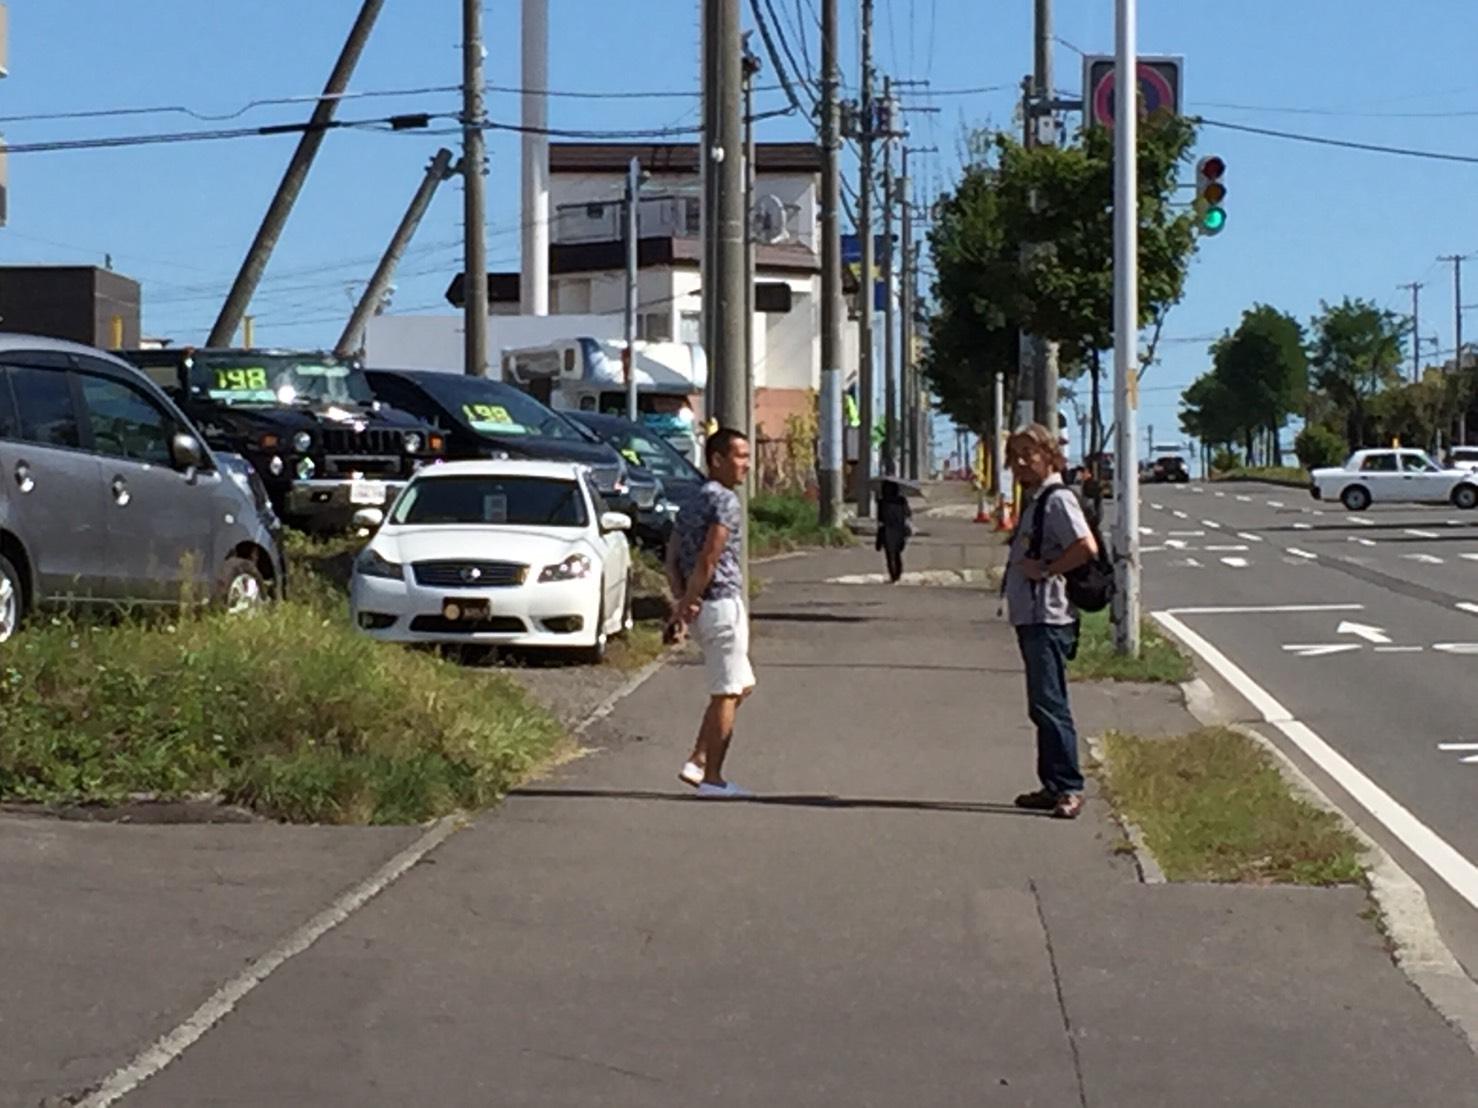 9月5日 火曜日のひとログヽ( 'ω' )ノ 本日CH-Rご納車♬レンタカー絶賛ご予約受付中♬_b0127002_1756679.jpg